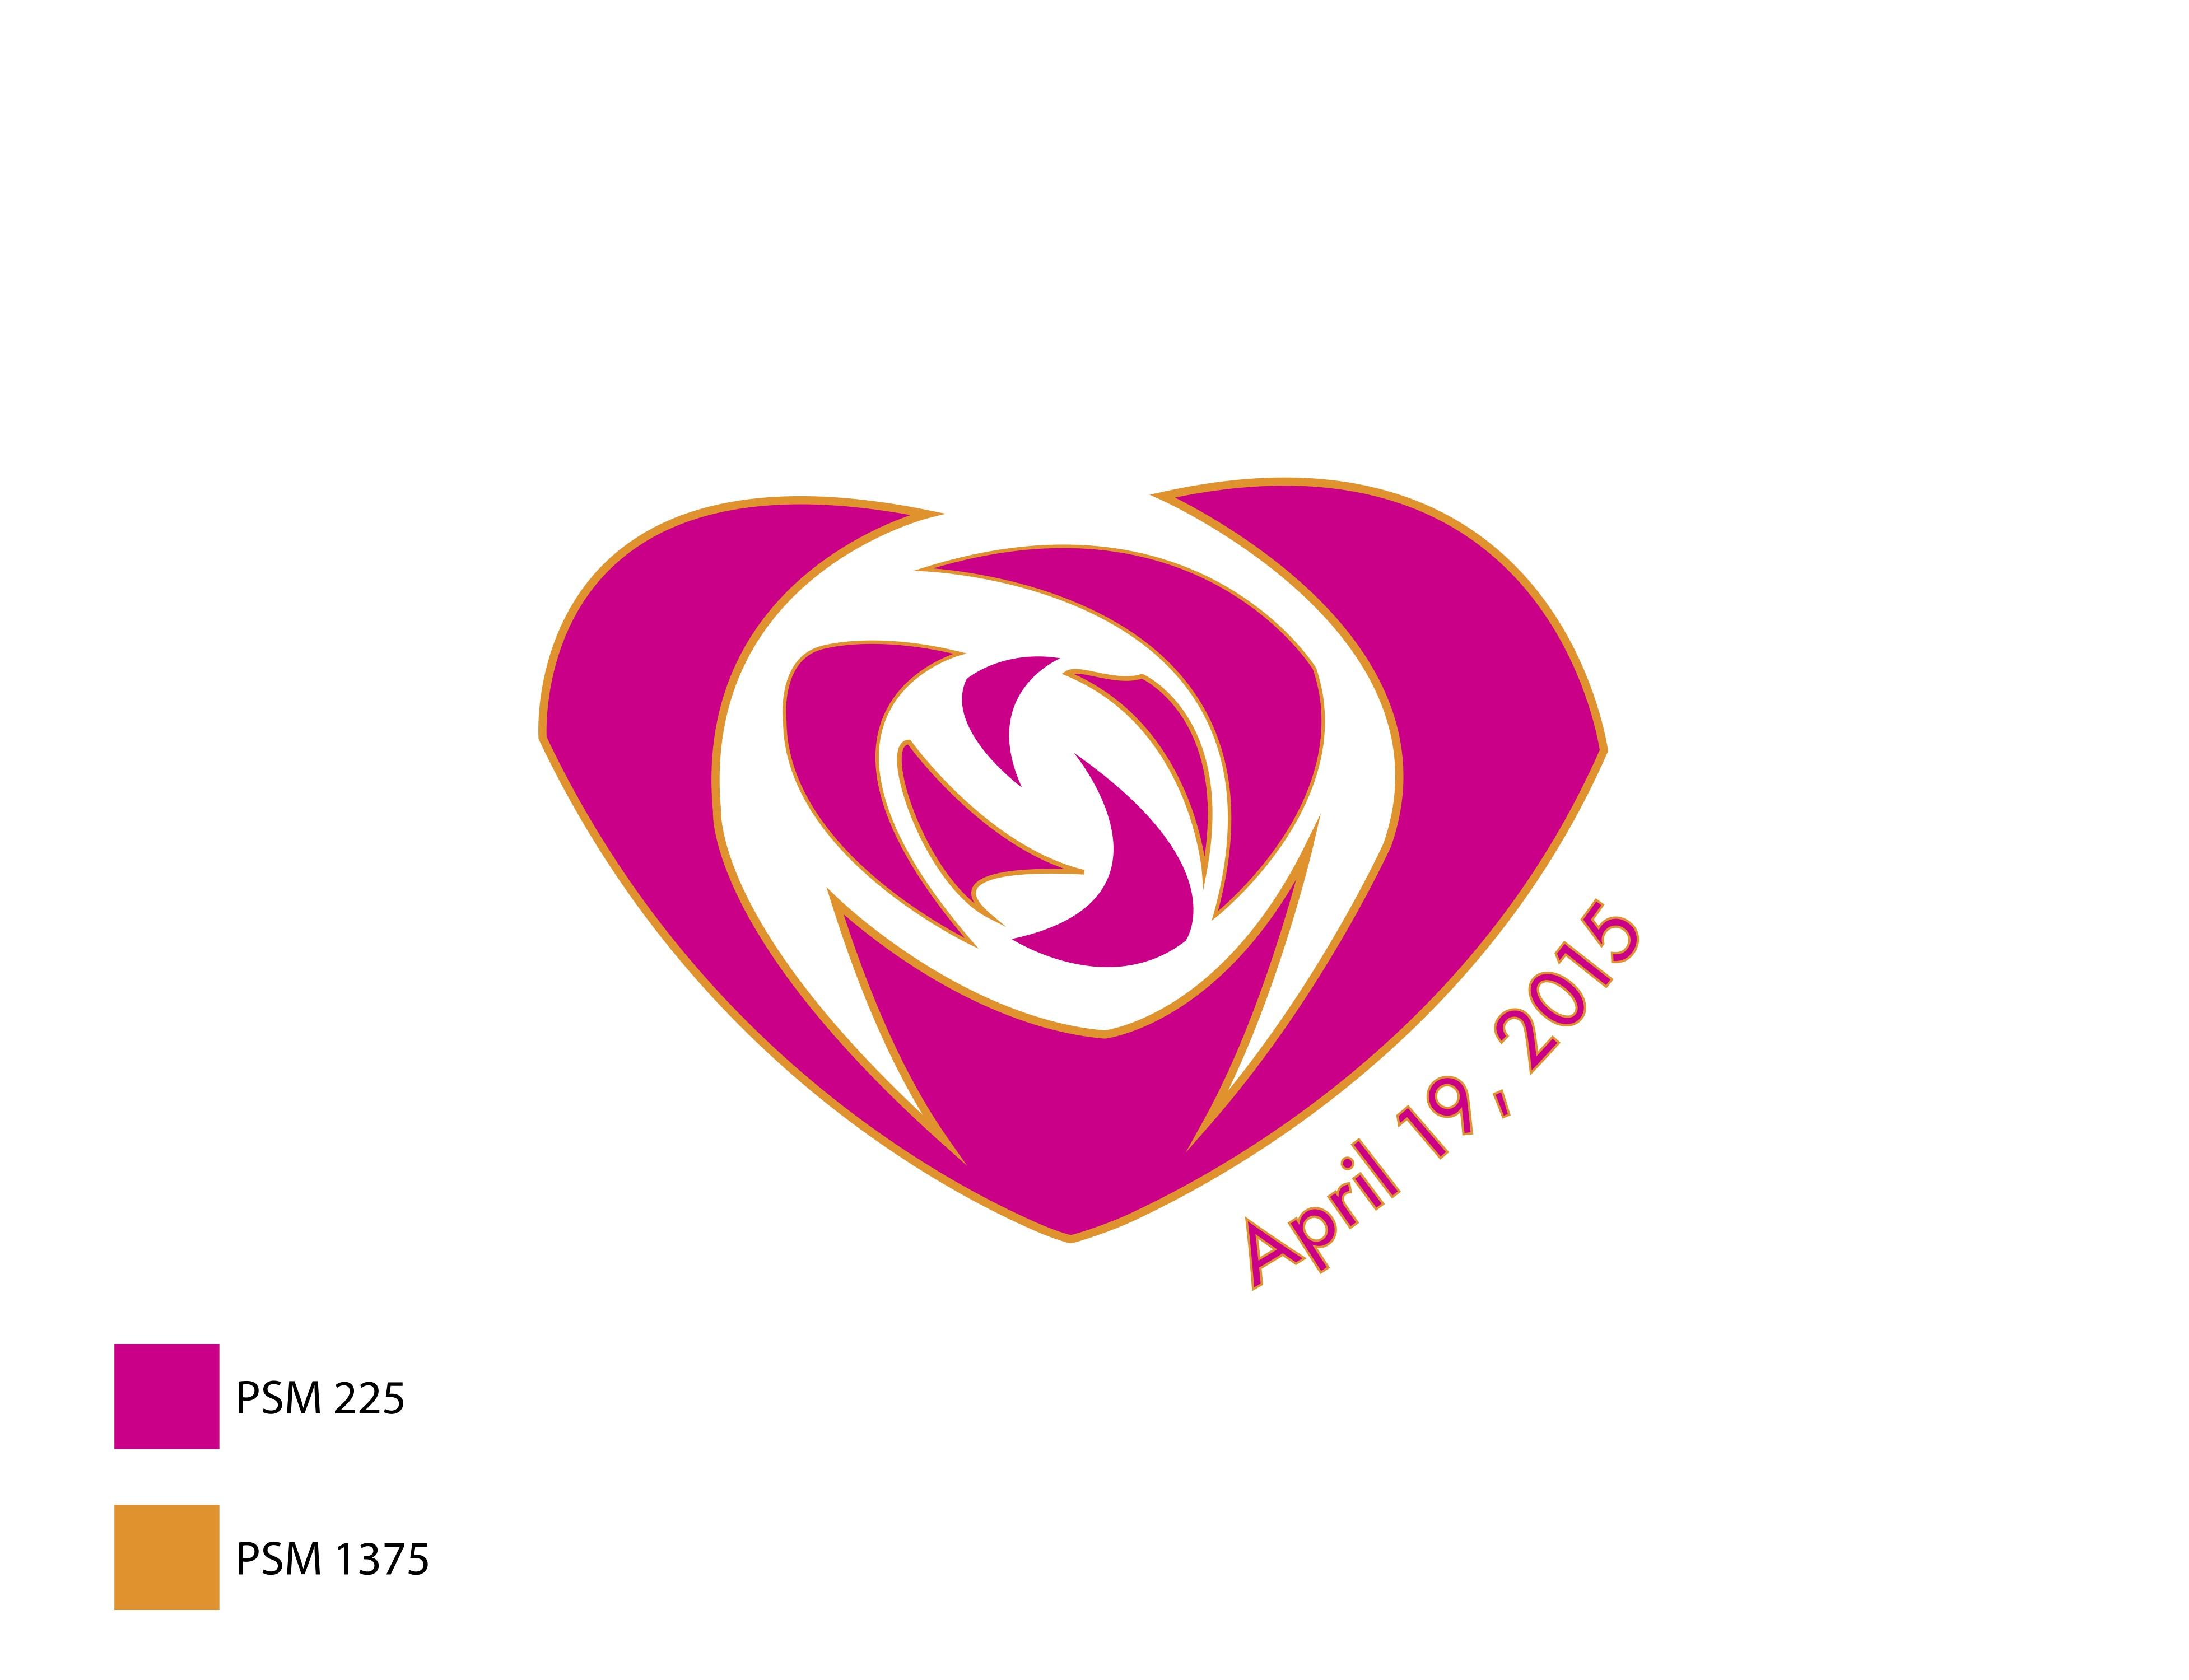 Ava flower logo